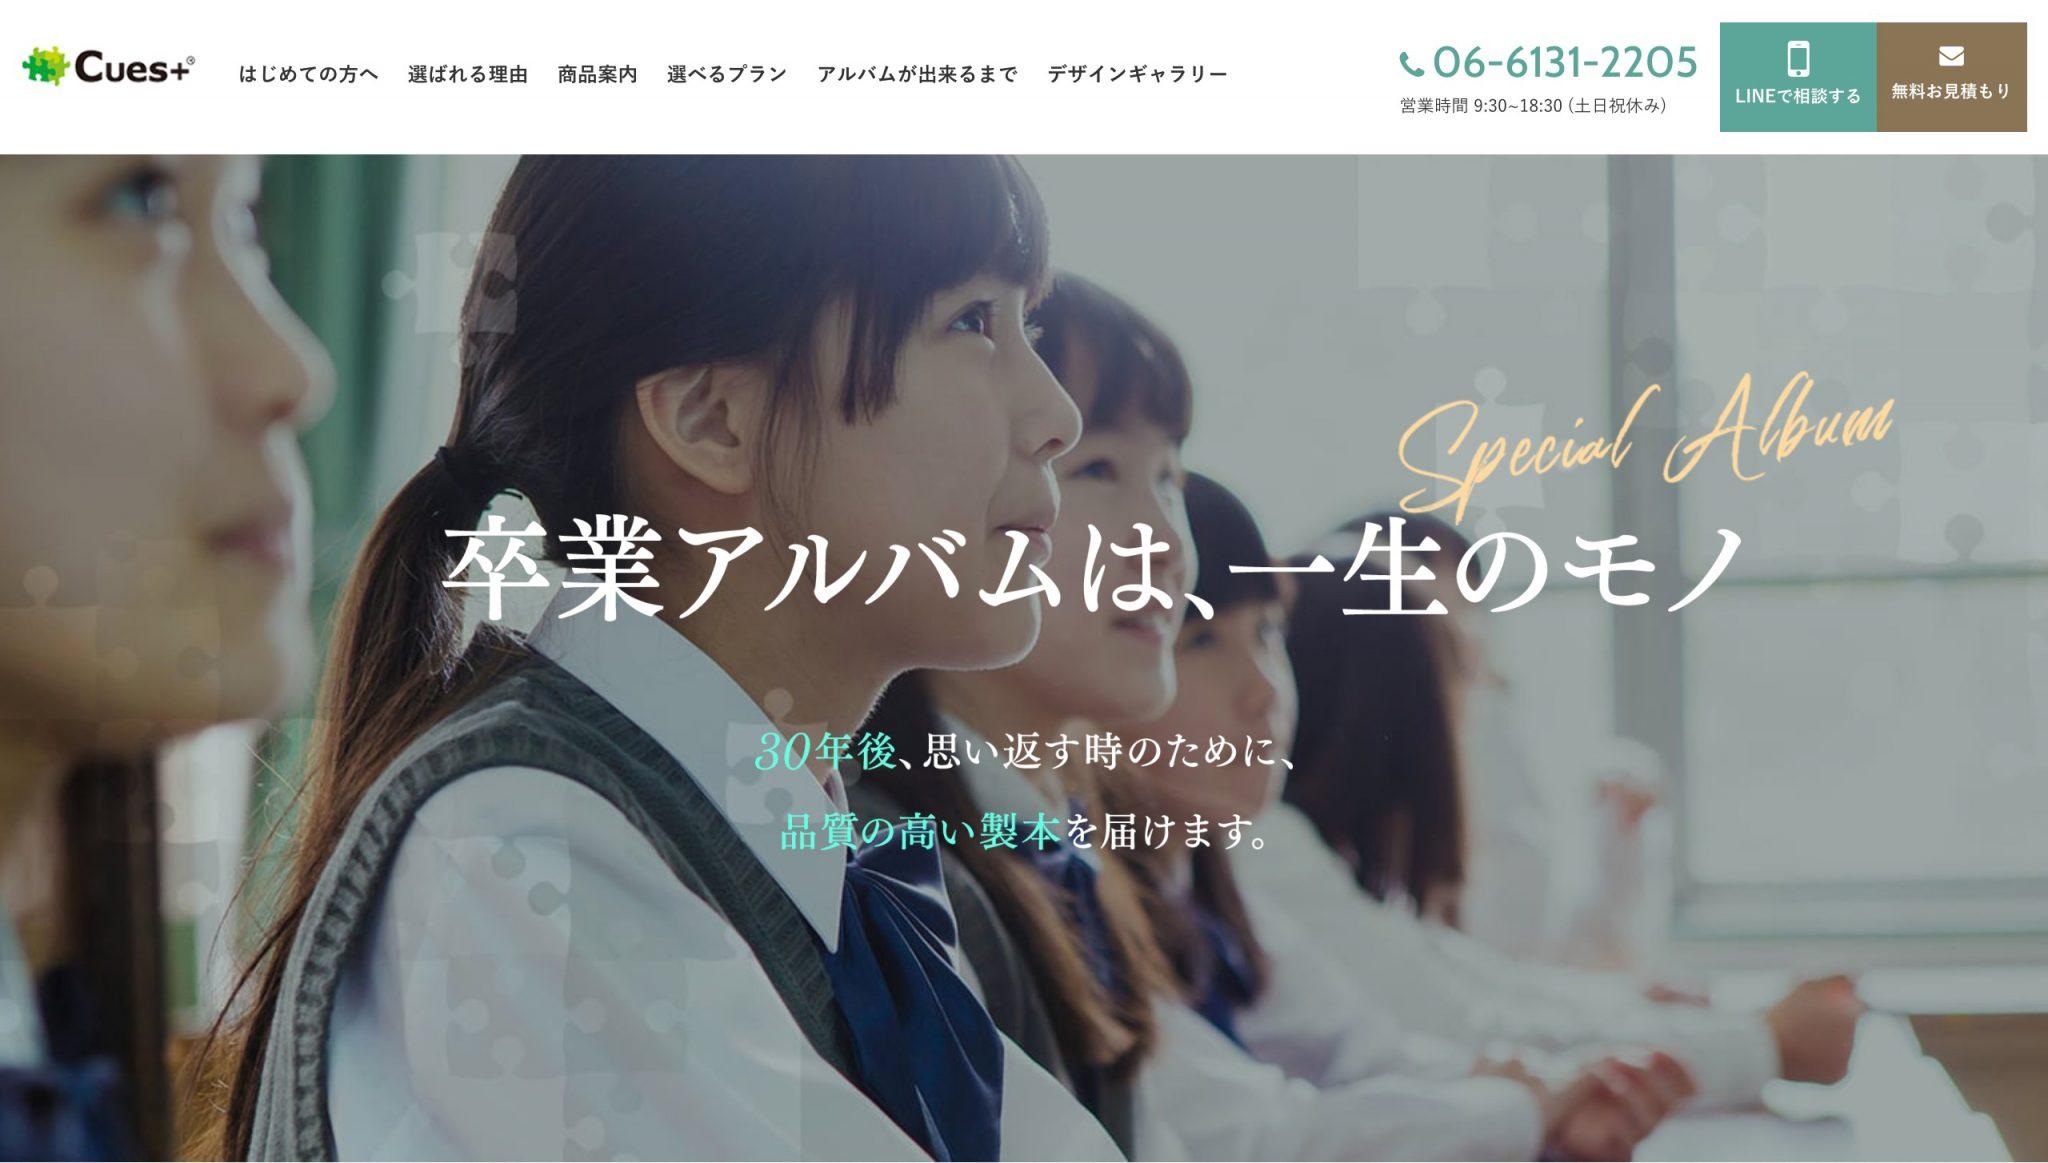 キューズプラス様Web サイトデザインTOPページ